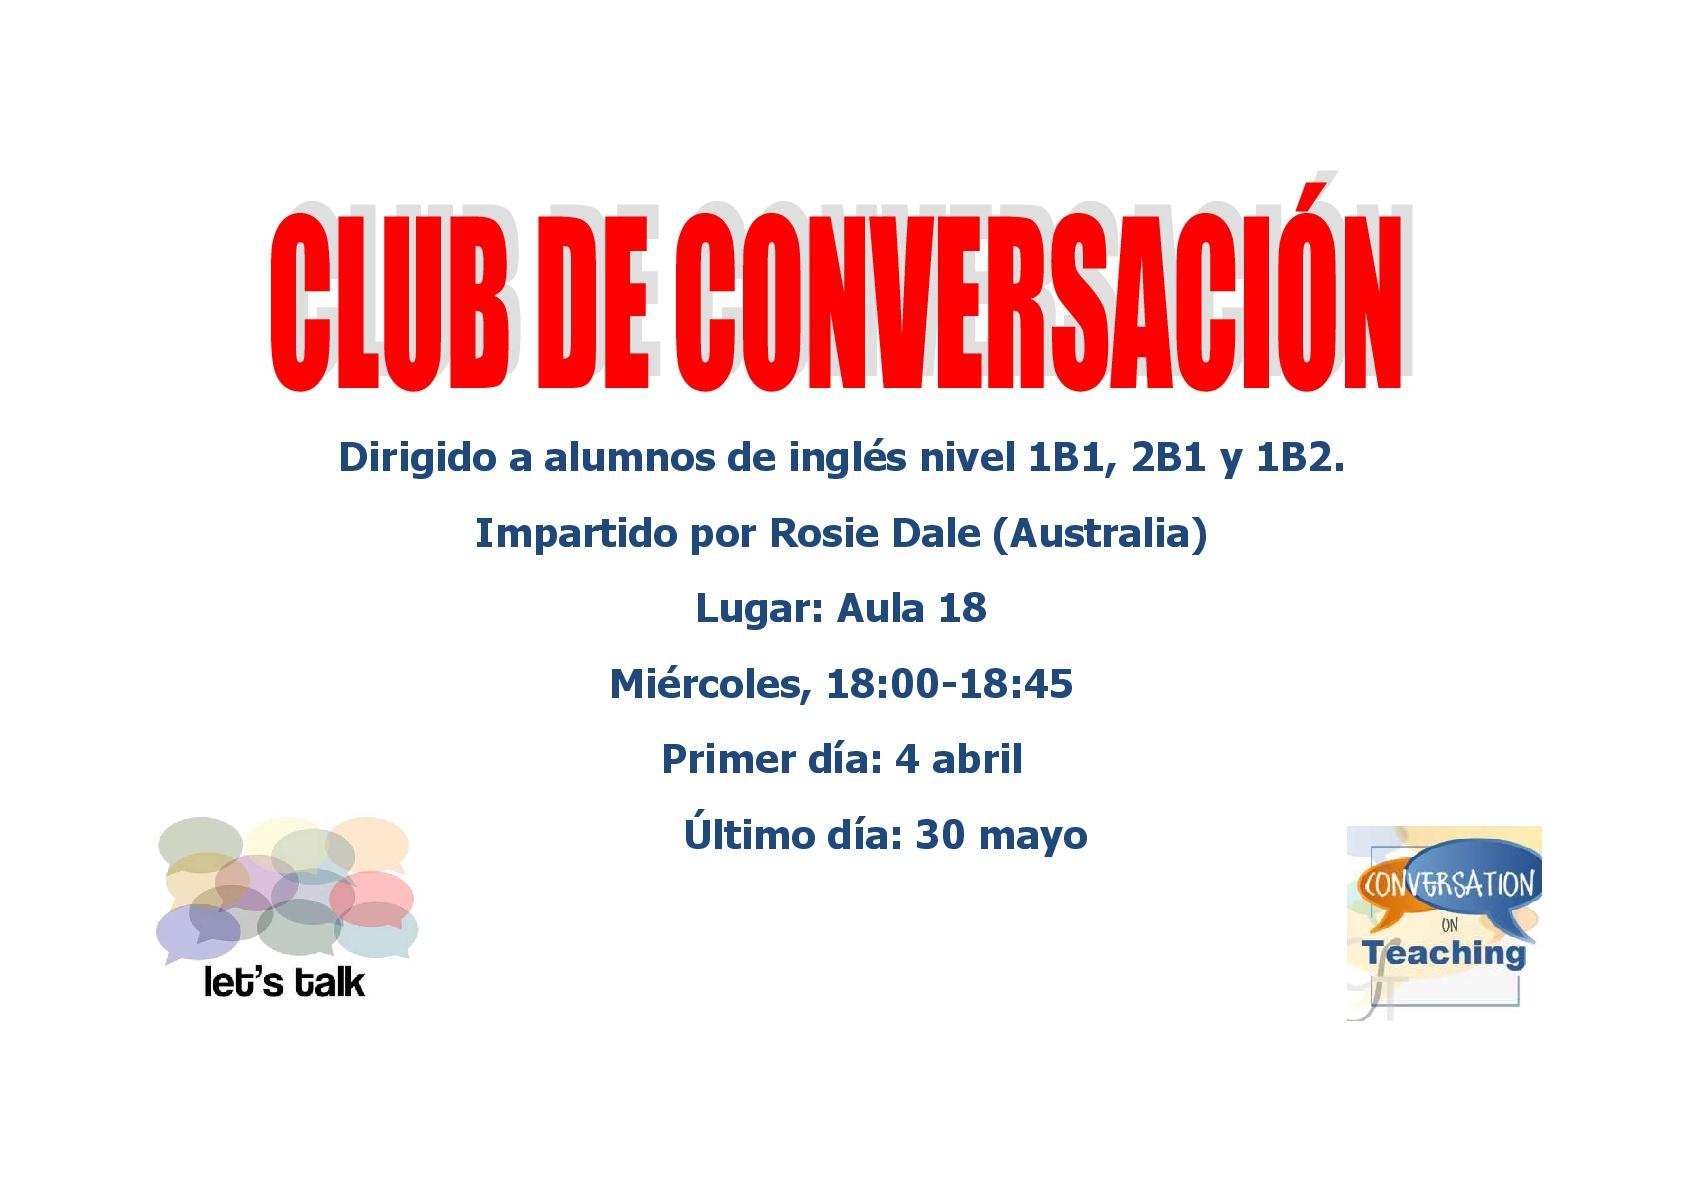 CLUB CONVERSACIÓN 001 - Nuevo club de conversación de inglés para 1B1, 2B1 y 1B2